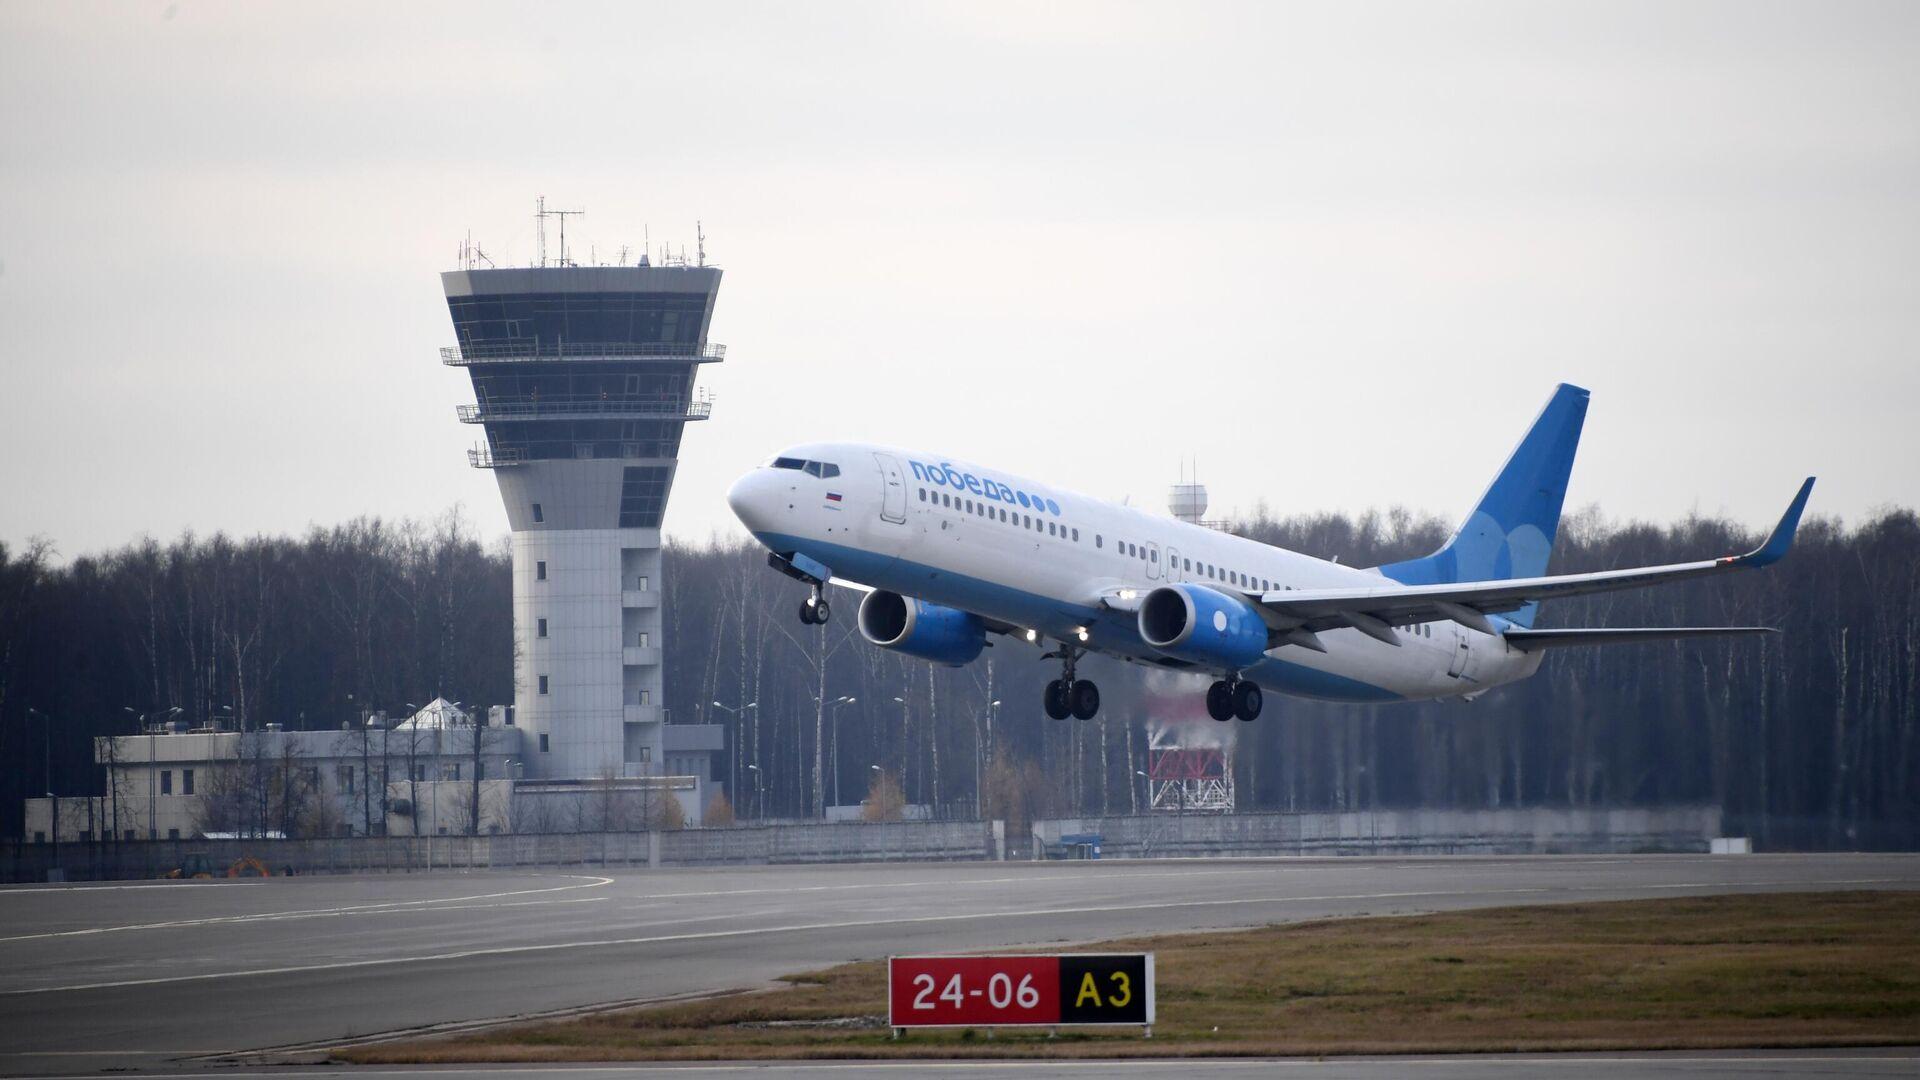 Самолет Boeing 737-800 авиакомпании Победа в международном аэропорту Внуково - РИА Новости, 1920, 05.02.2021